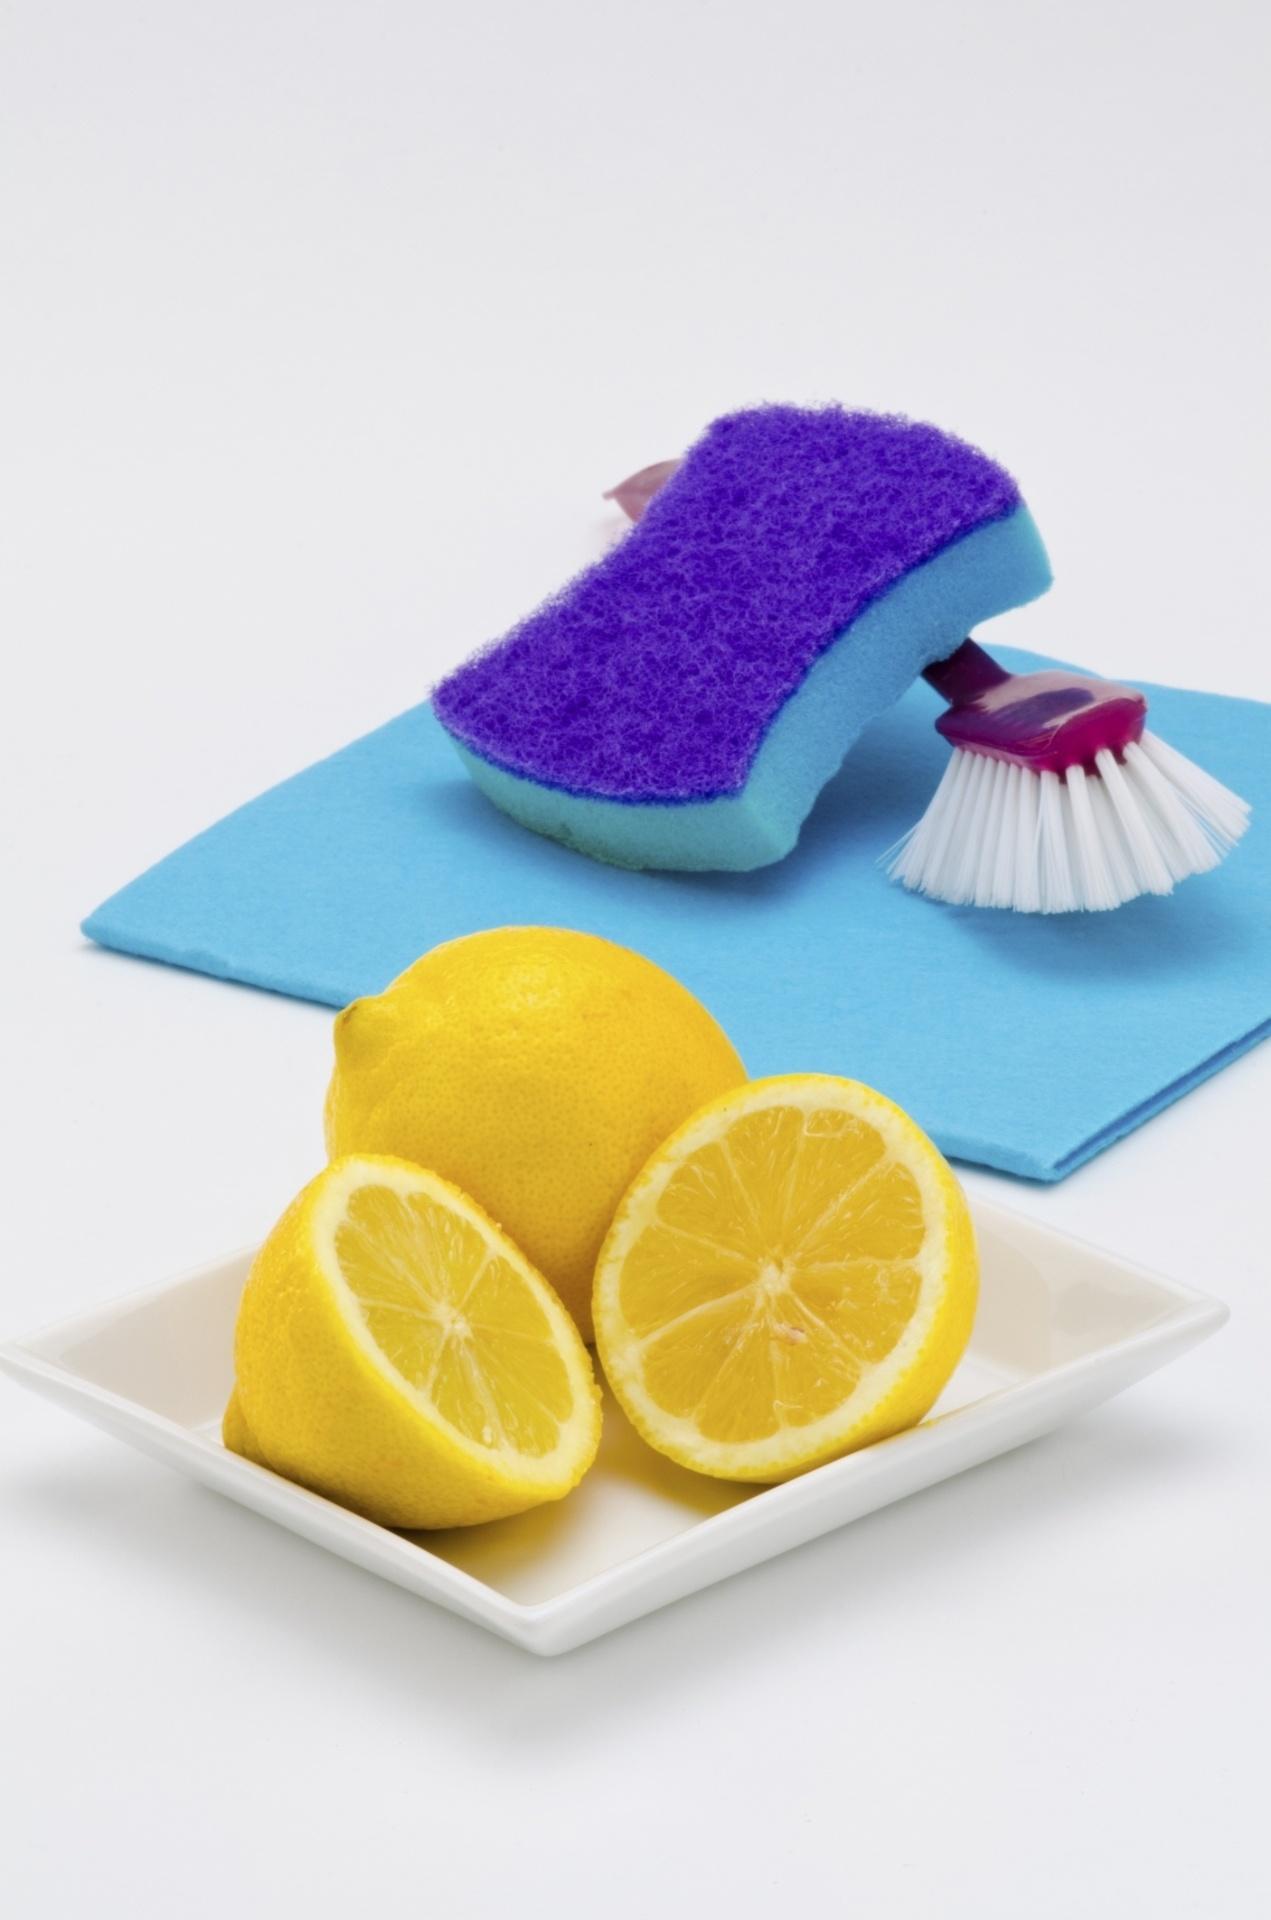 Veja dicas de ótimos objetos e móveis para decoração #B29219 1271x1920